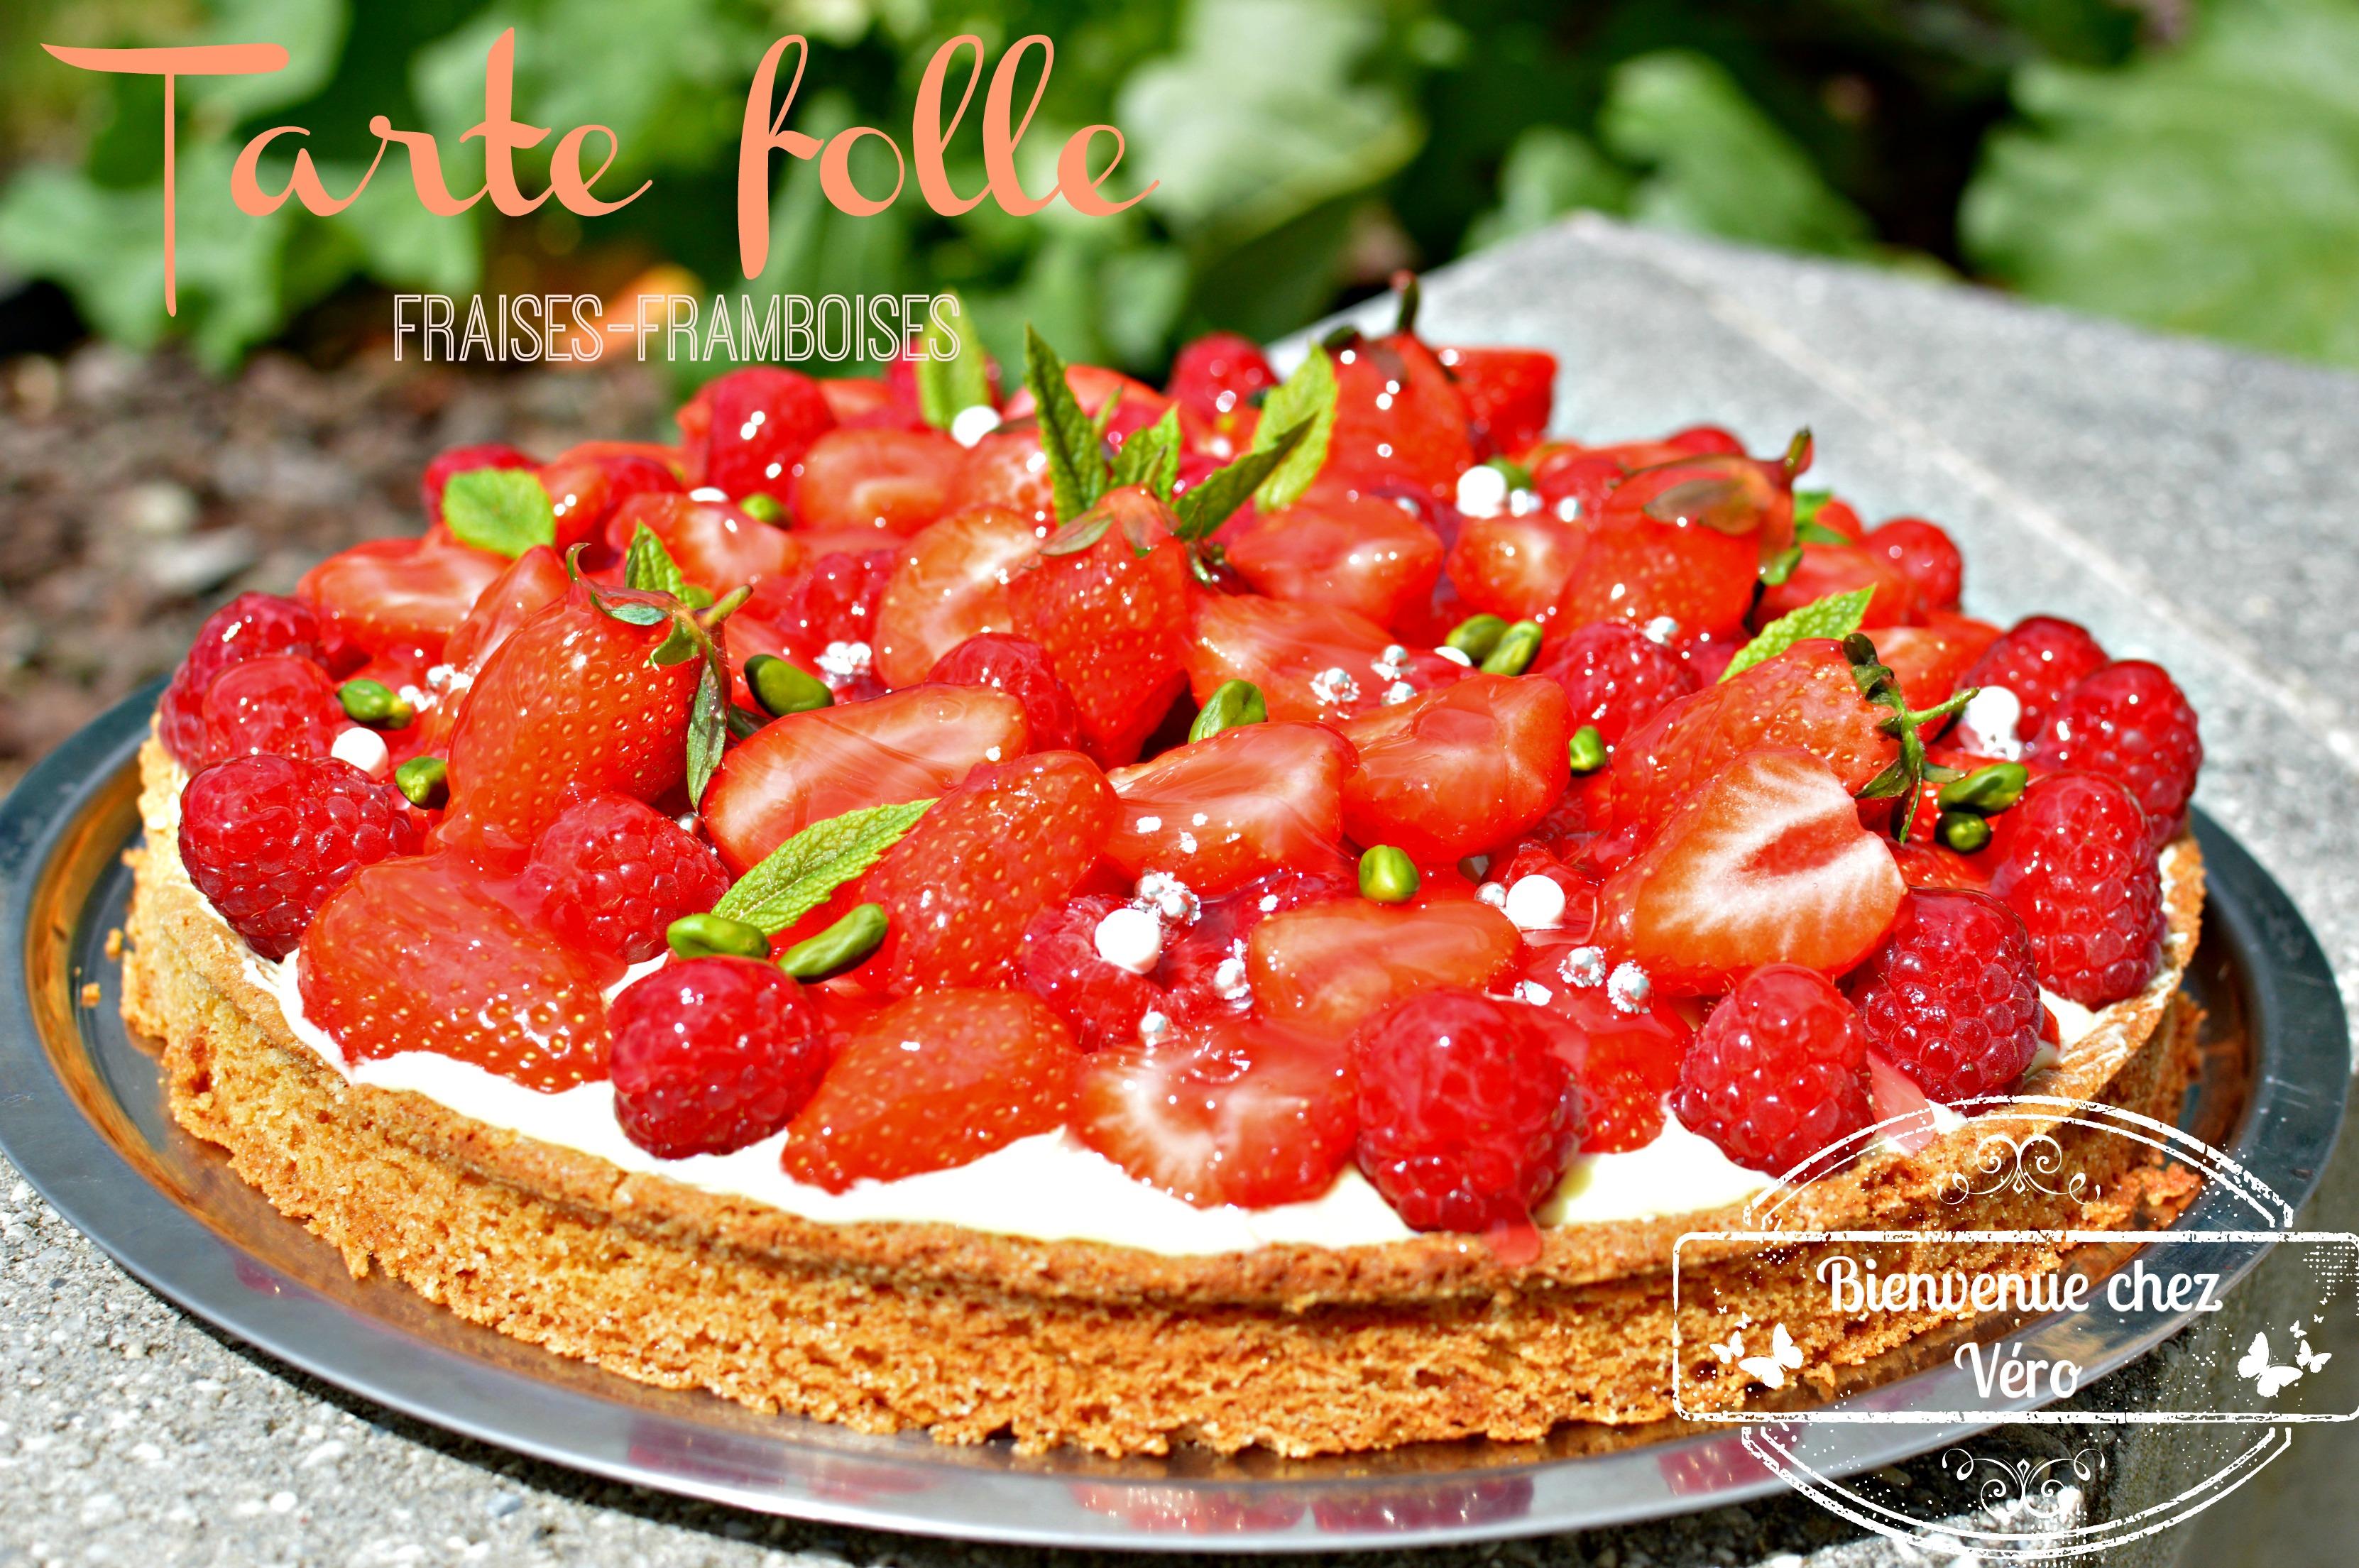 DSC_3727 tarte folle aux fraises